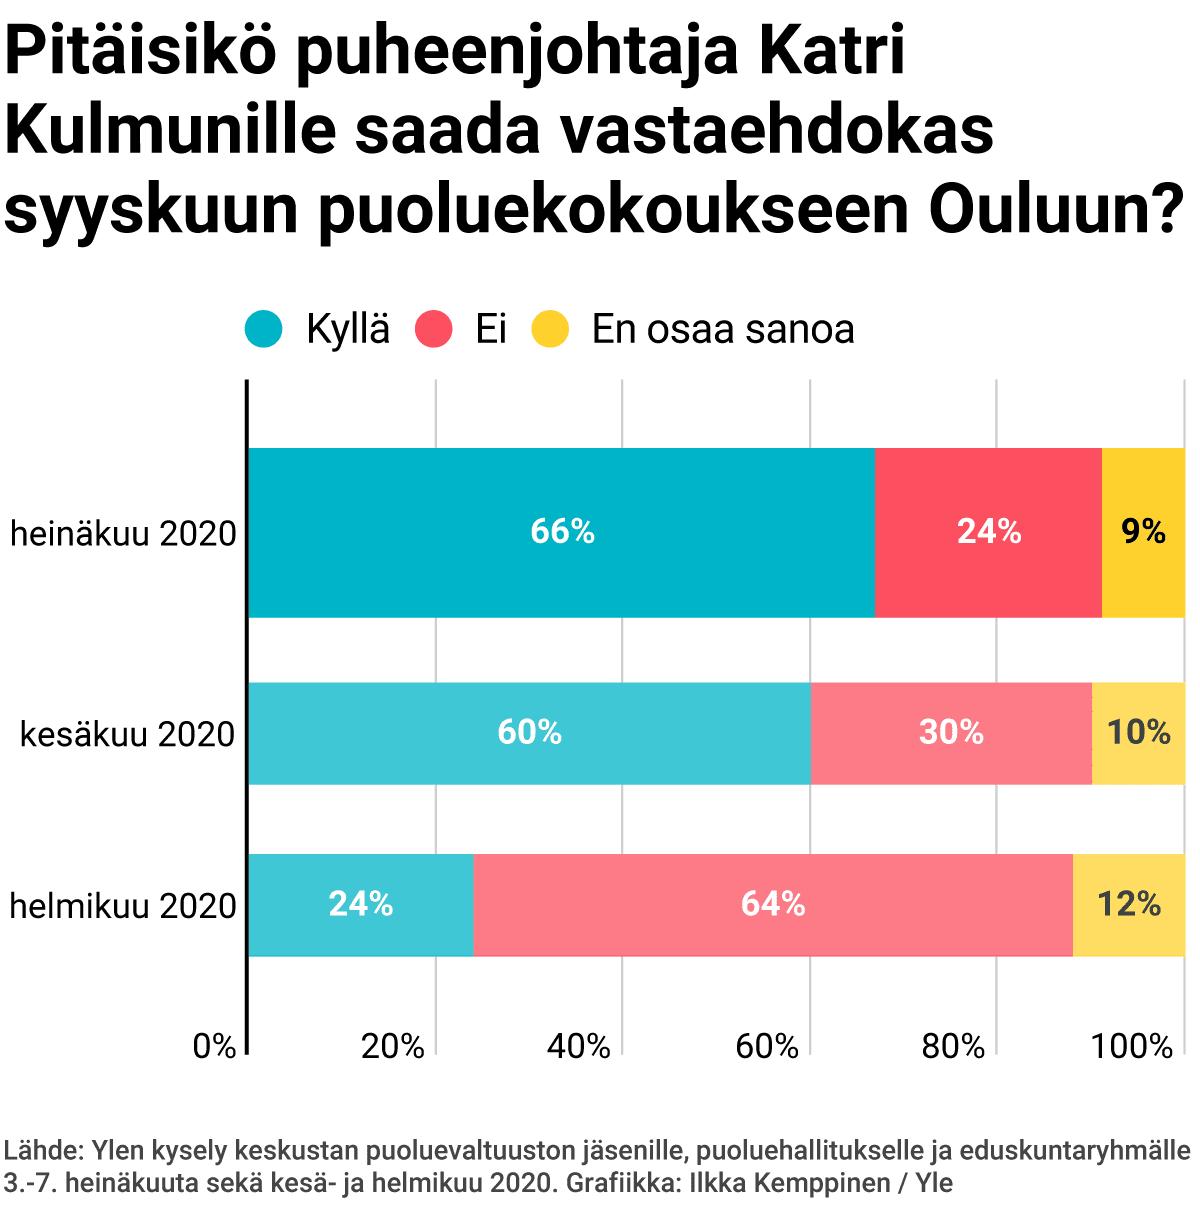 Pitäisikö puheenjohtaja Katri Kulmunille saada vastaehdokas syyskuun puoluekokoukseen Ouluun?